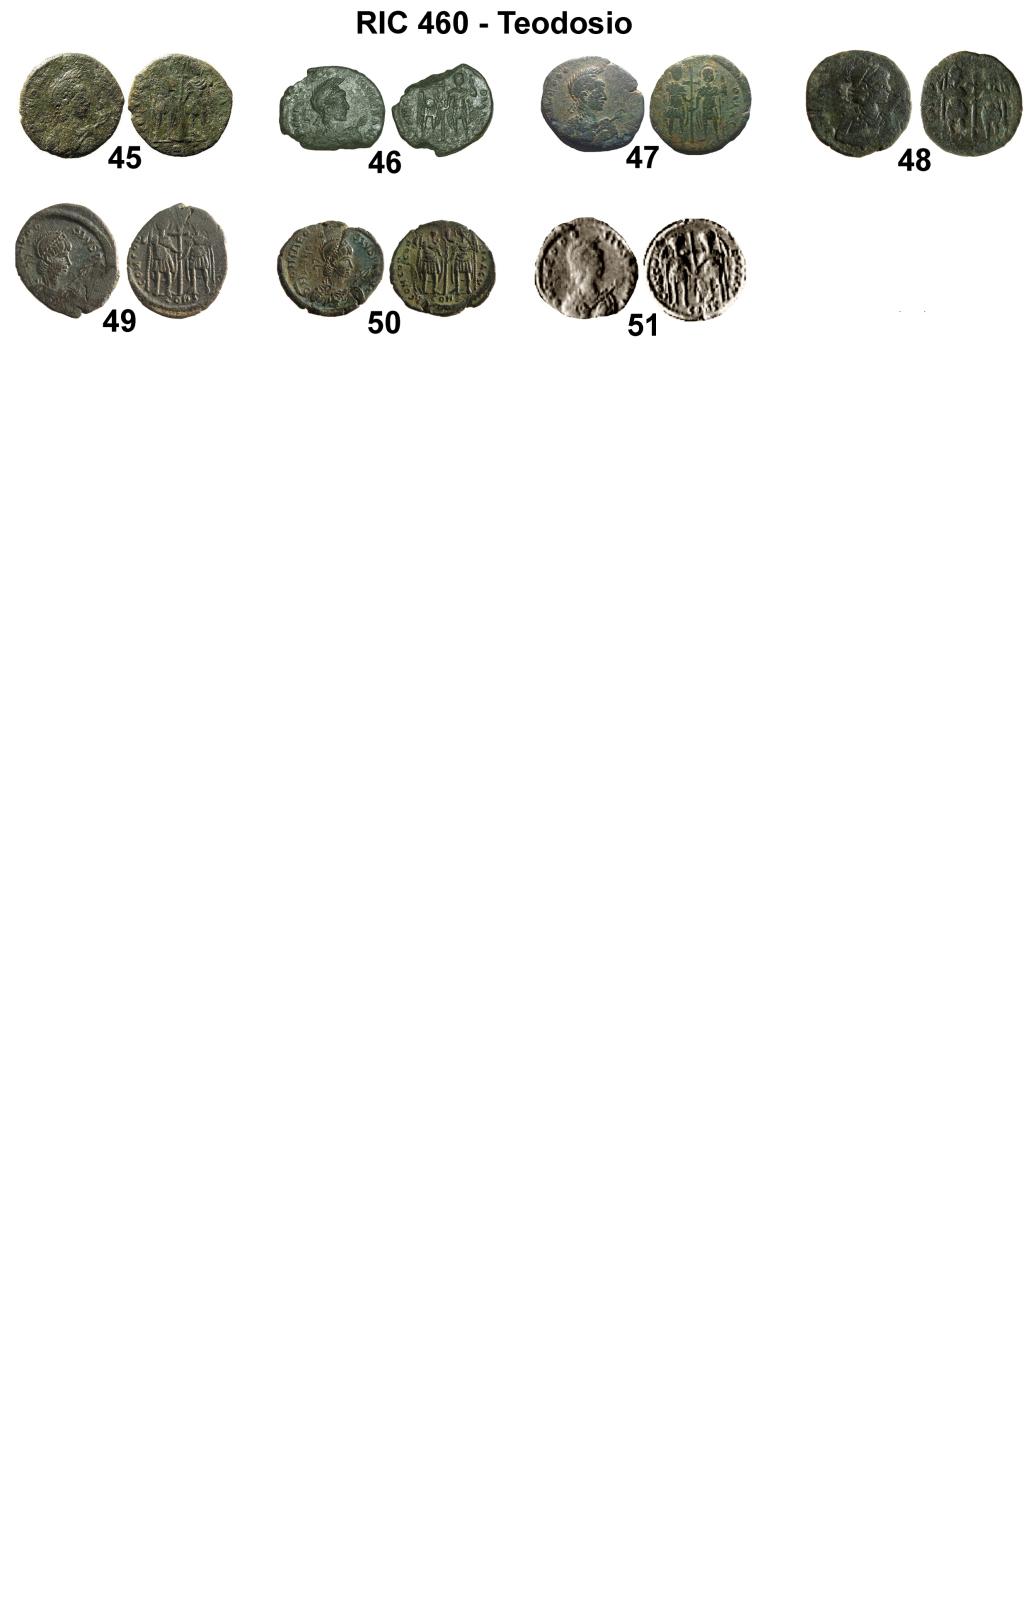 Nummus de Valentiniano III - Página 2 Aepc9t